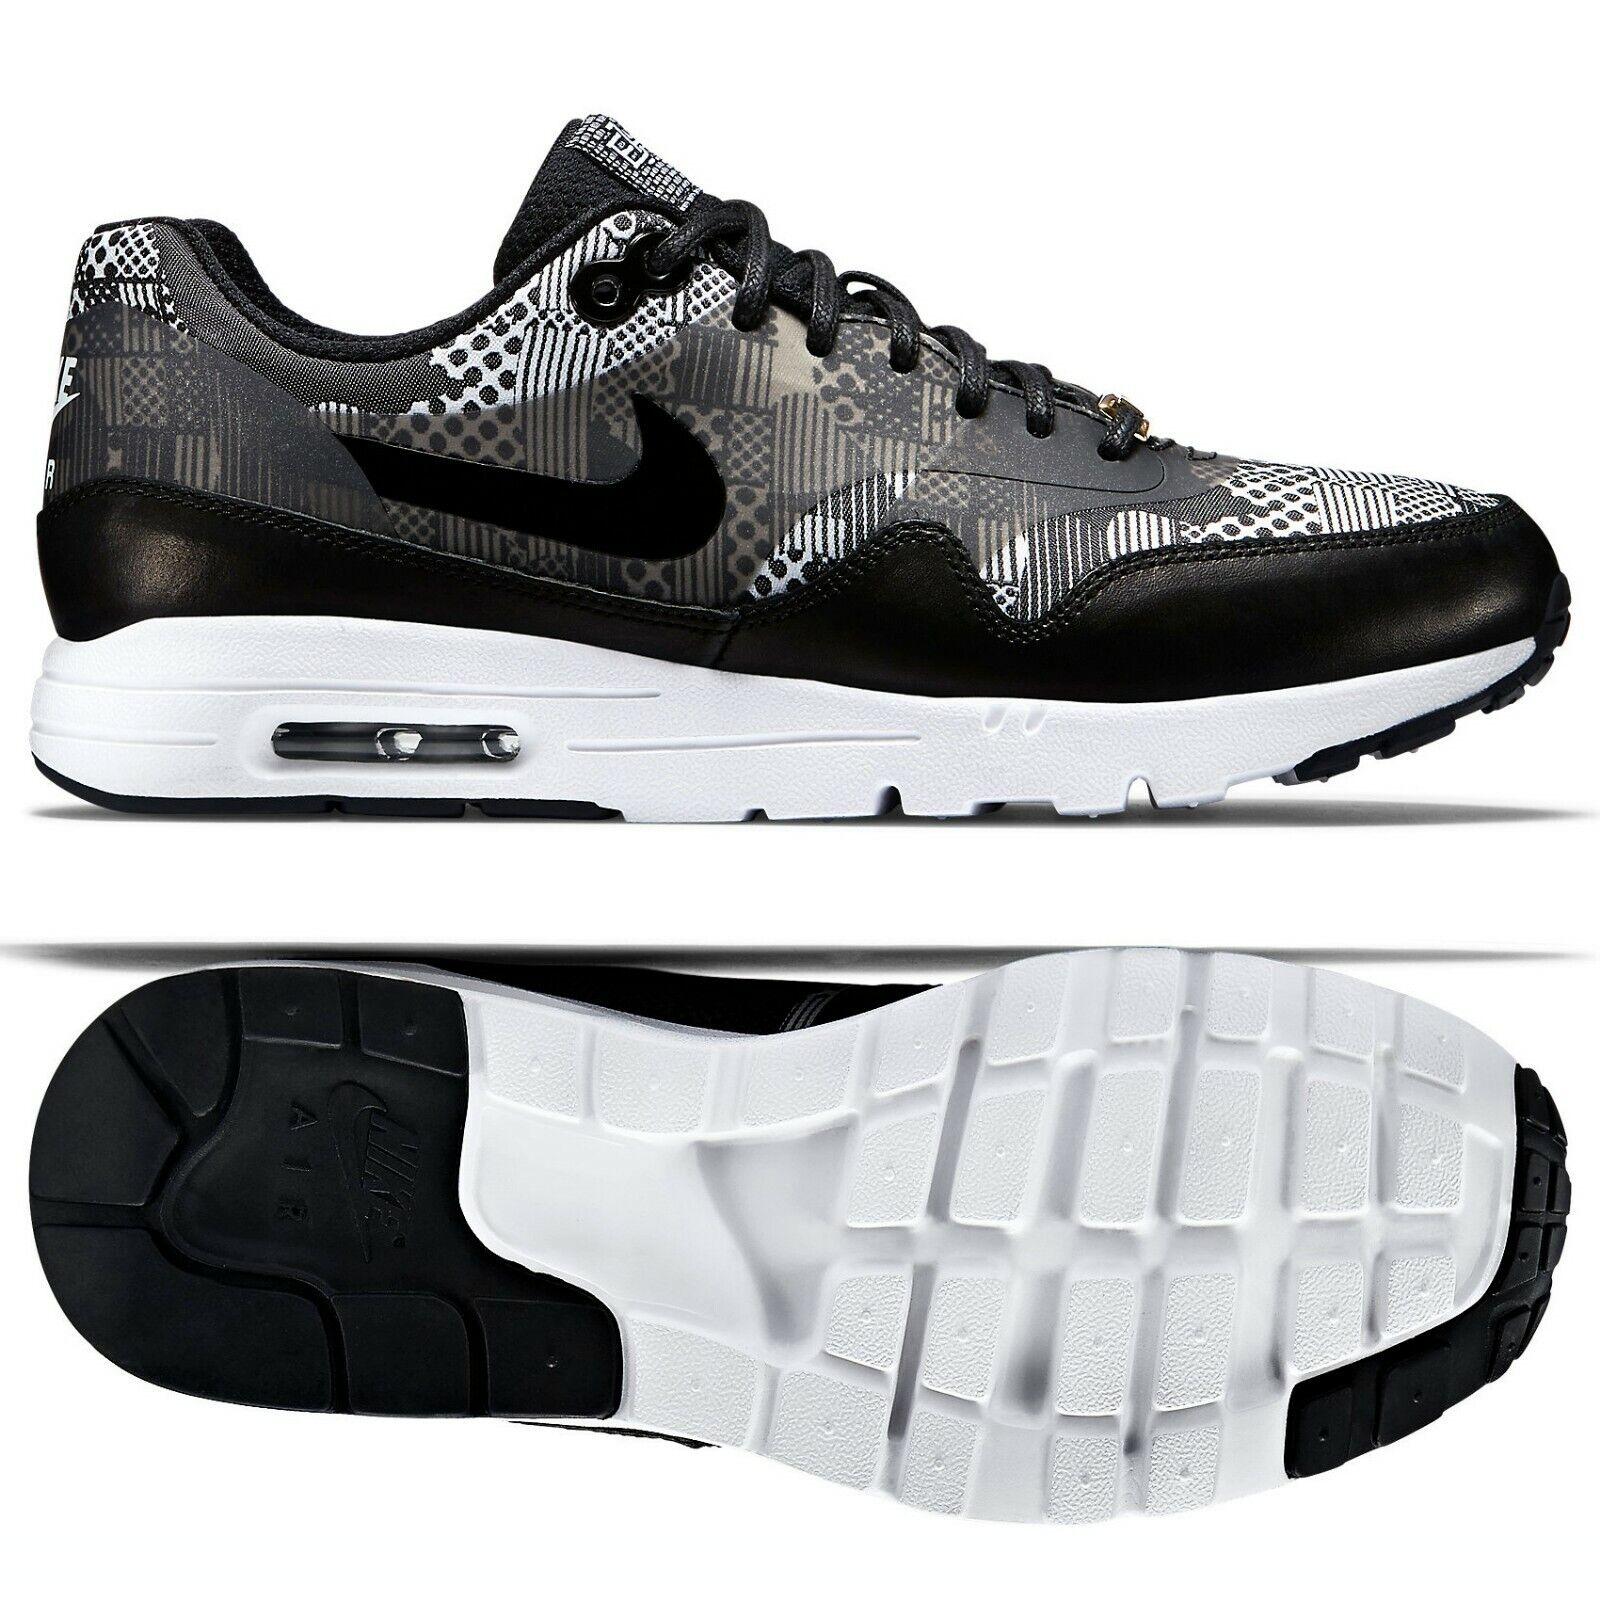 W Nike Air Max Max Max 1 Ultra BHM Qs BHM 718451-001 Zapato De Mujer Talla 5  echa un vistazo a los más baratos